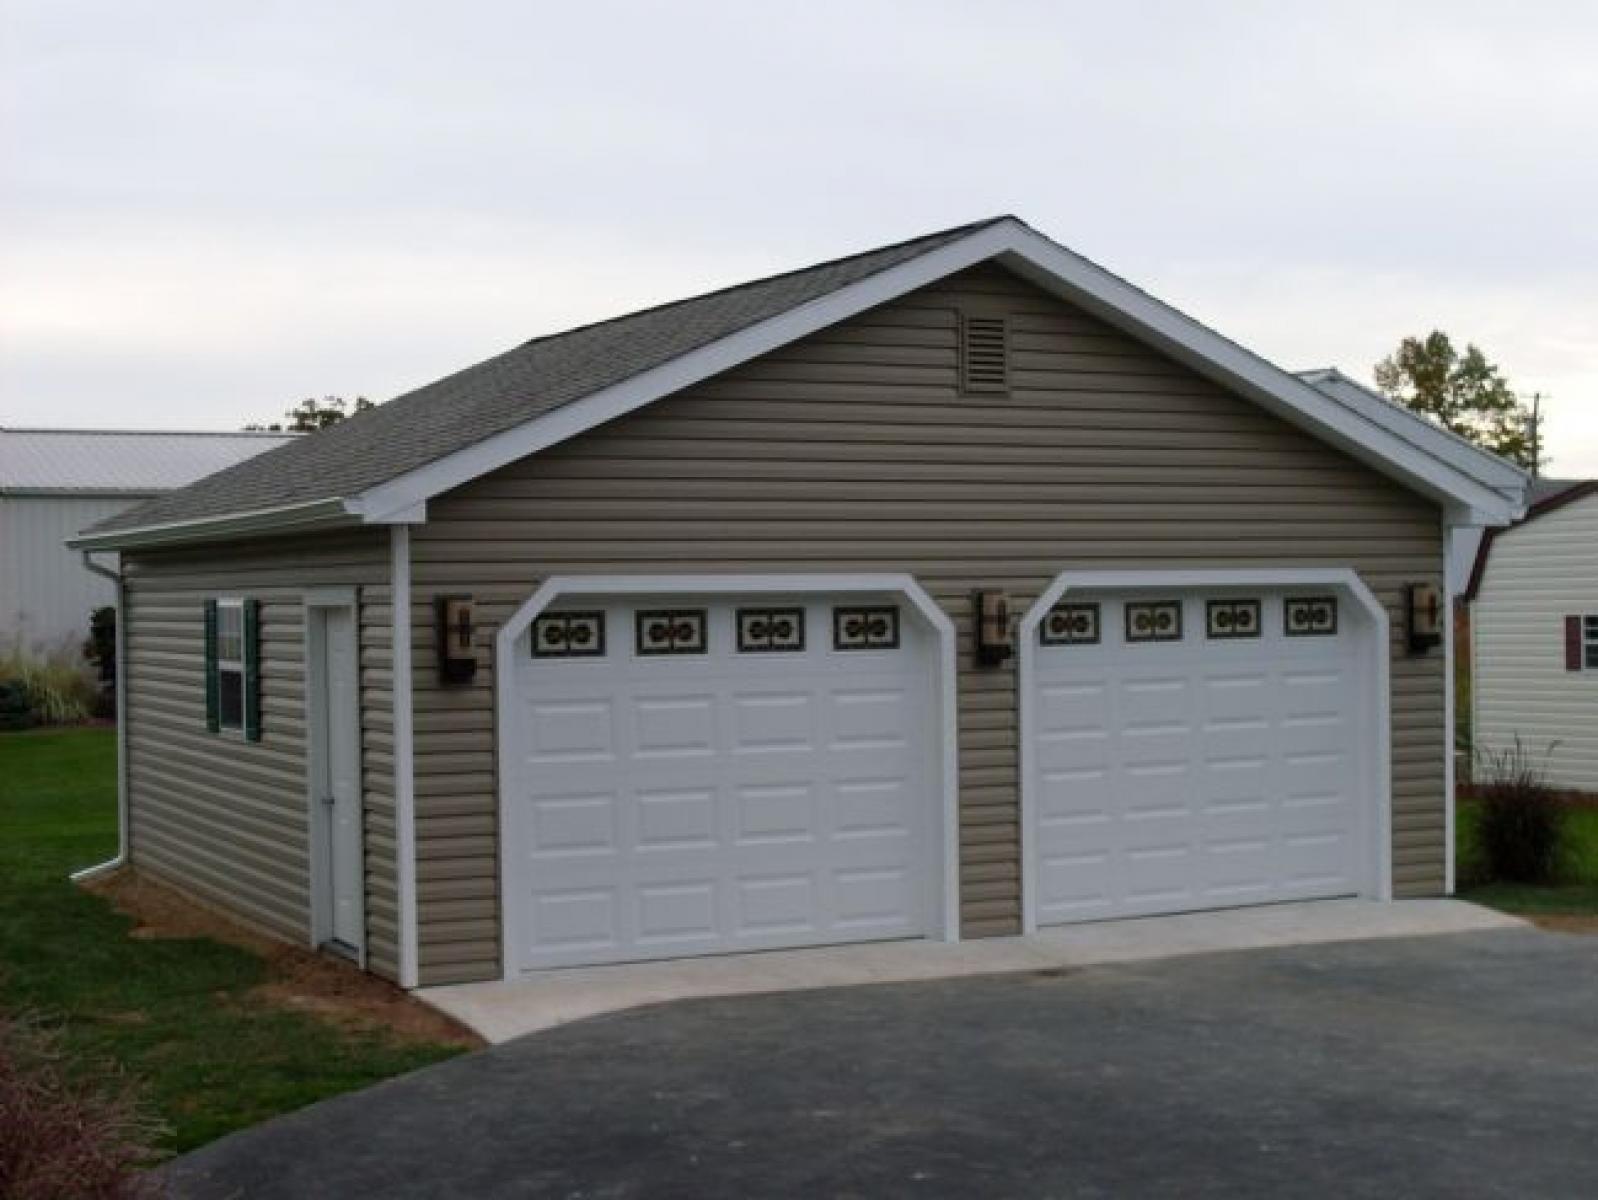 24x24 2 Car Garage Pine Creek Structures Garage Design Garage Car Garage